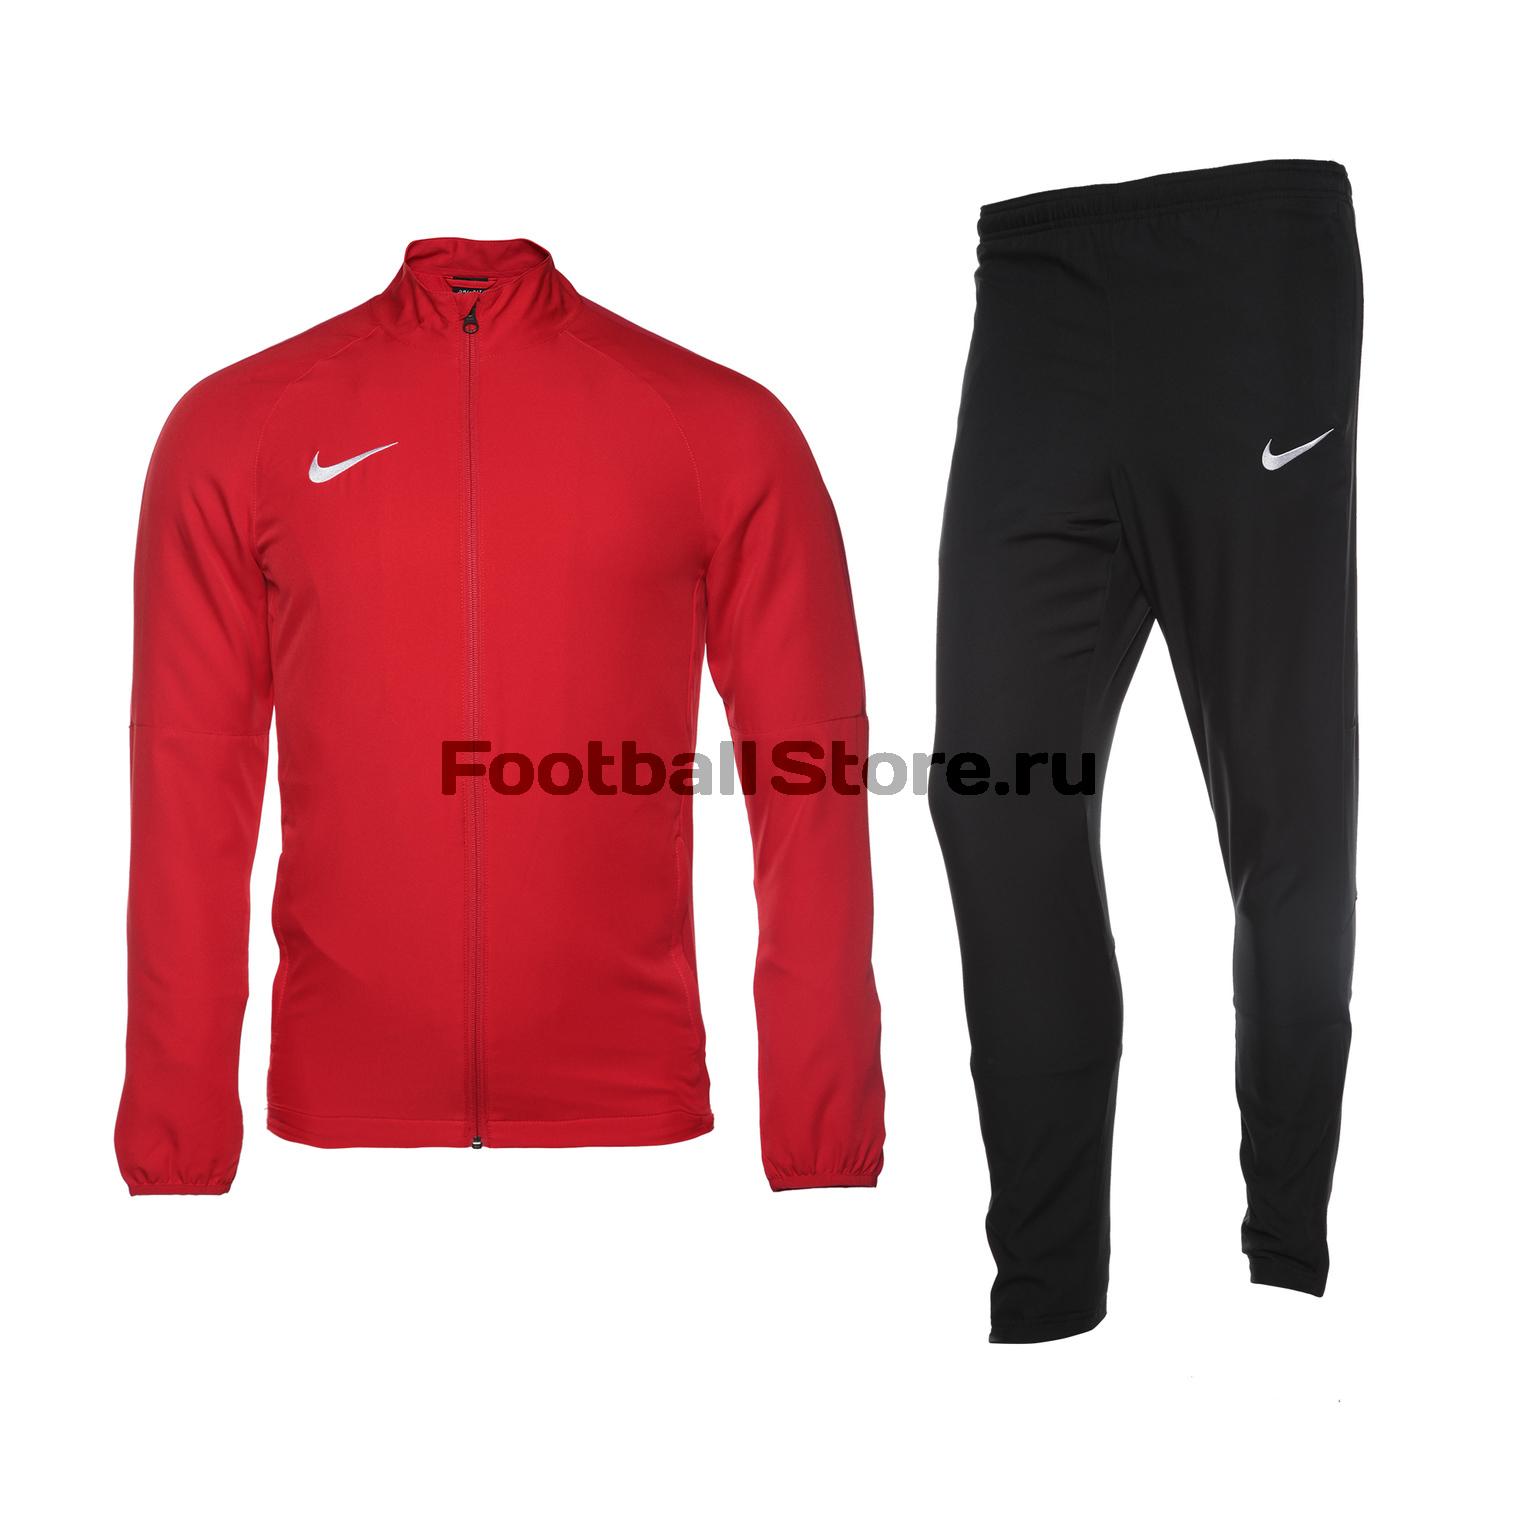 Костюм спортивный Nike Dry Academy18 TRK Suit W 893709-657 костюм спортивный nike dry academy 18 football tracksuit 893709 657 красн черн